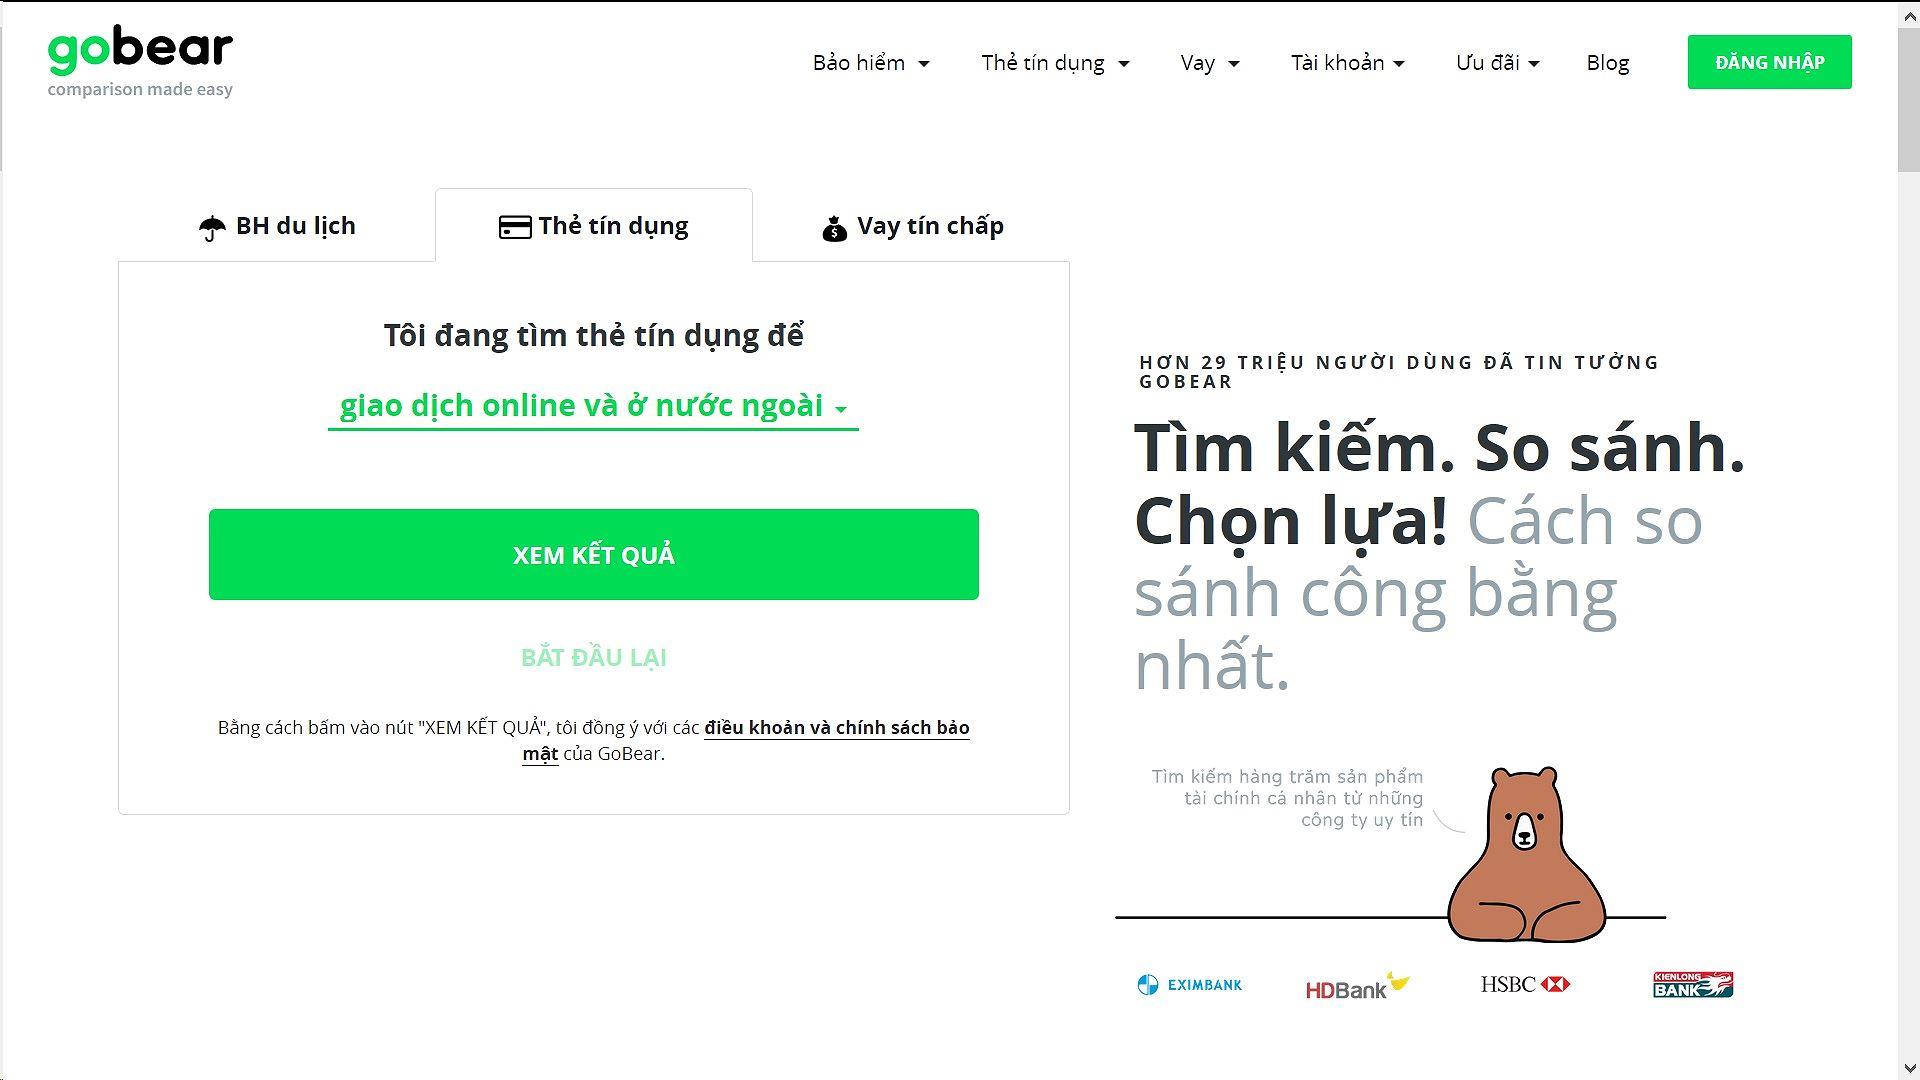 GoBear bắt tay CredoLab đưa sản phẩm tài chính đến với 49,5 triệu người Việt ảnh 1